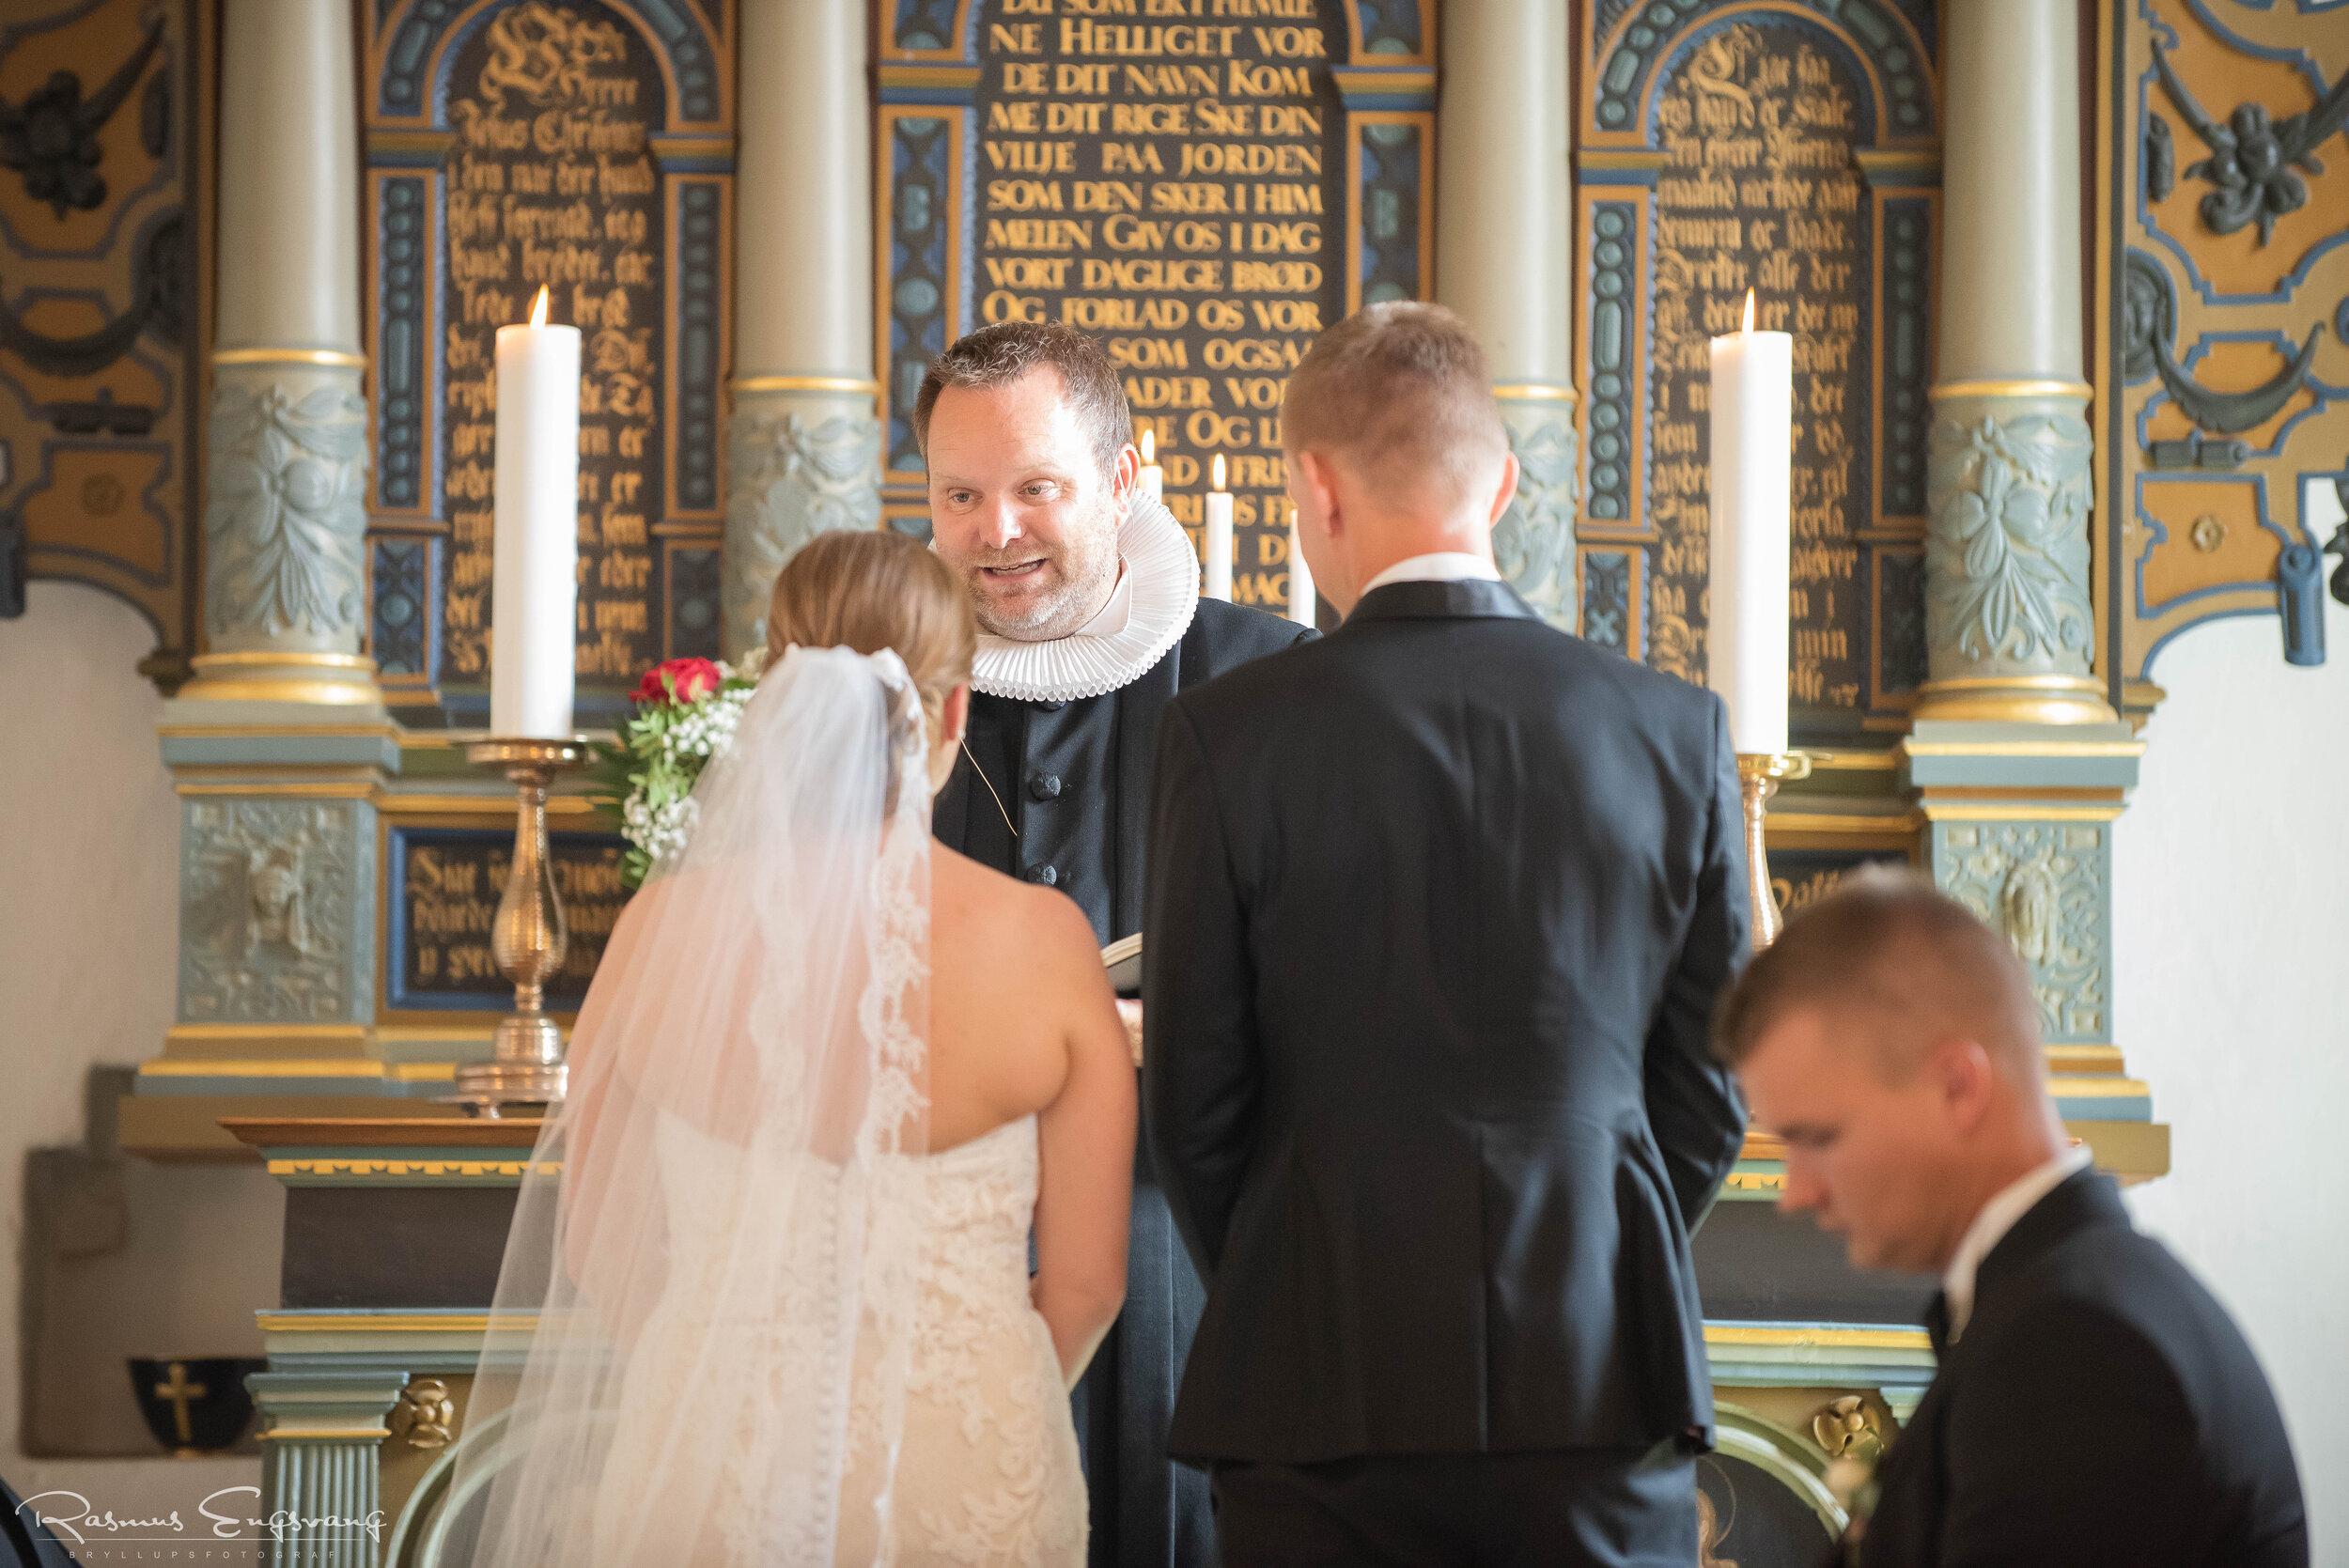 Bryllupsfotograf_Sjælland_Humleorehus_Vigersted-108.jpg